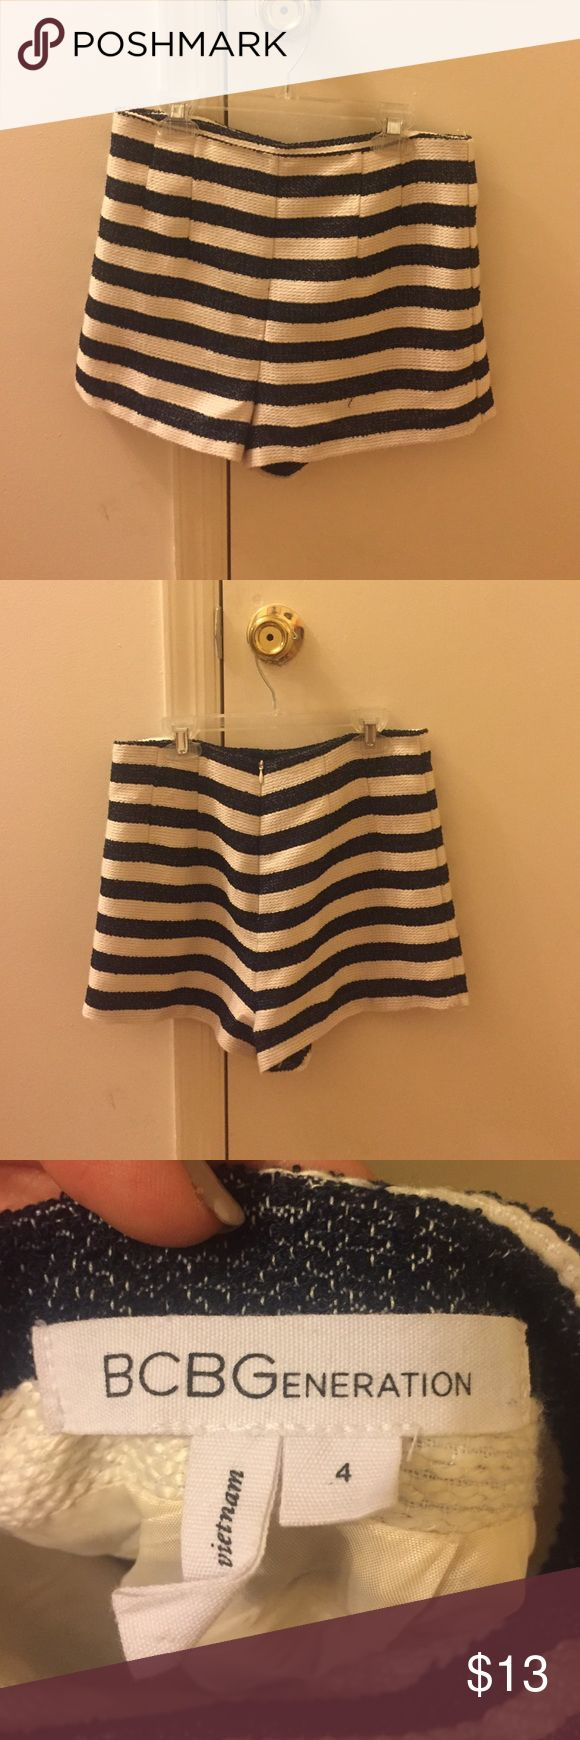 HOLIDAY SALE 💥💥💥 BCBG Nautical Shorts BCBG High Waisted Nautical Shorts BCBGeneration Shorts